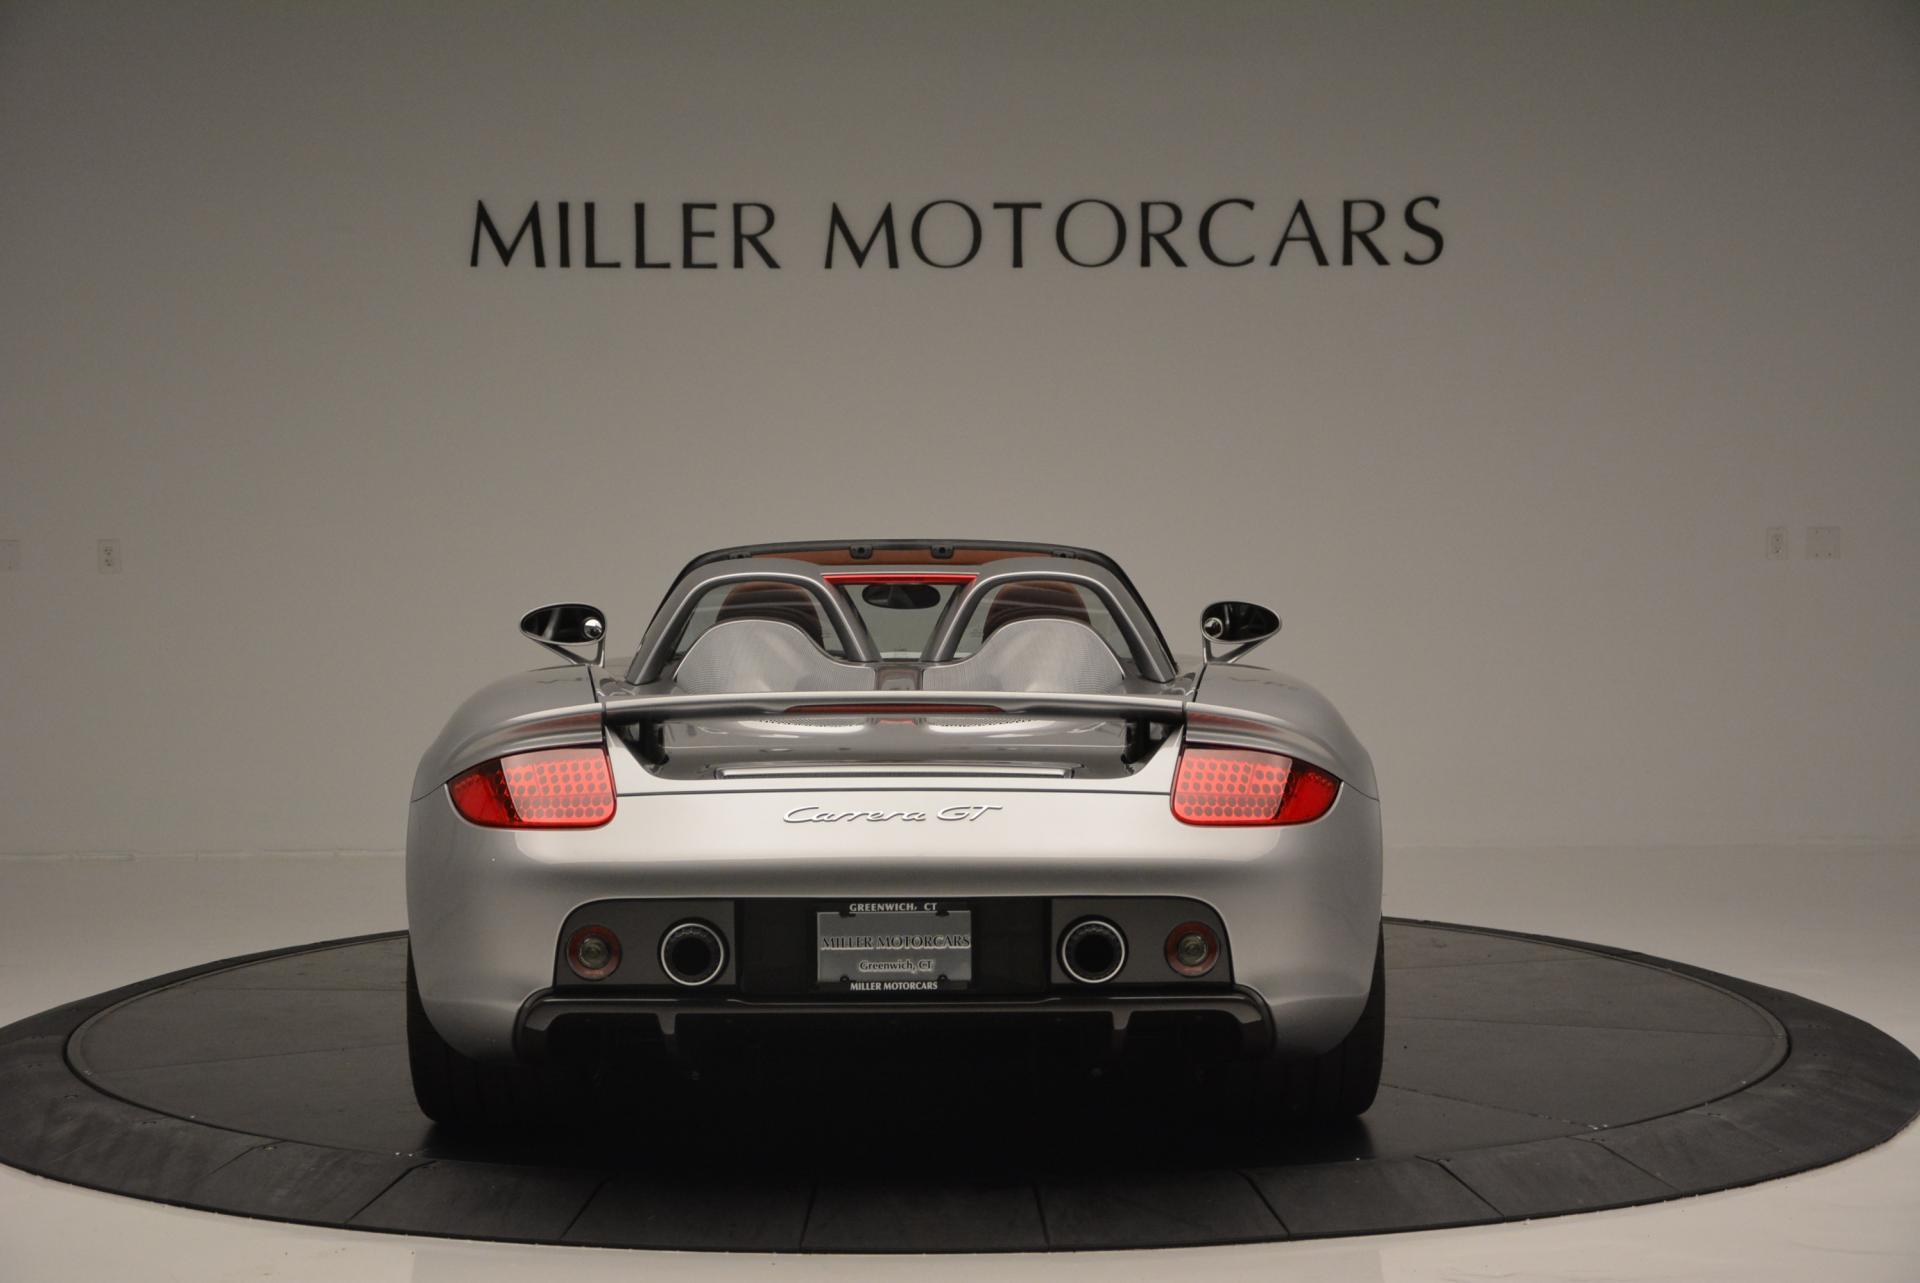 Used 2005 Porsche Carrera GT  For Sale In Greenwich, CT. Alfa Romeo of Greenwich, 7114 108_p7